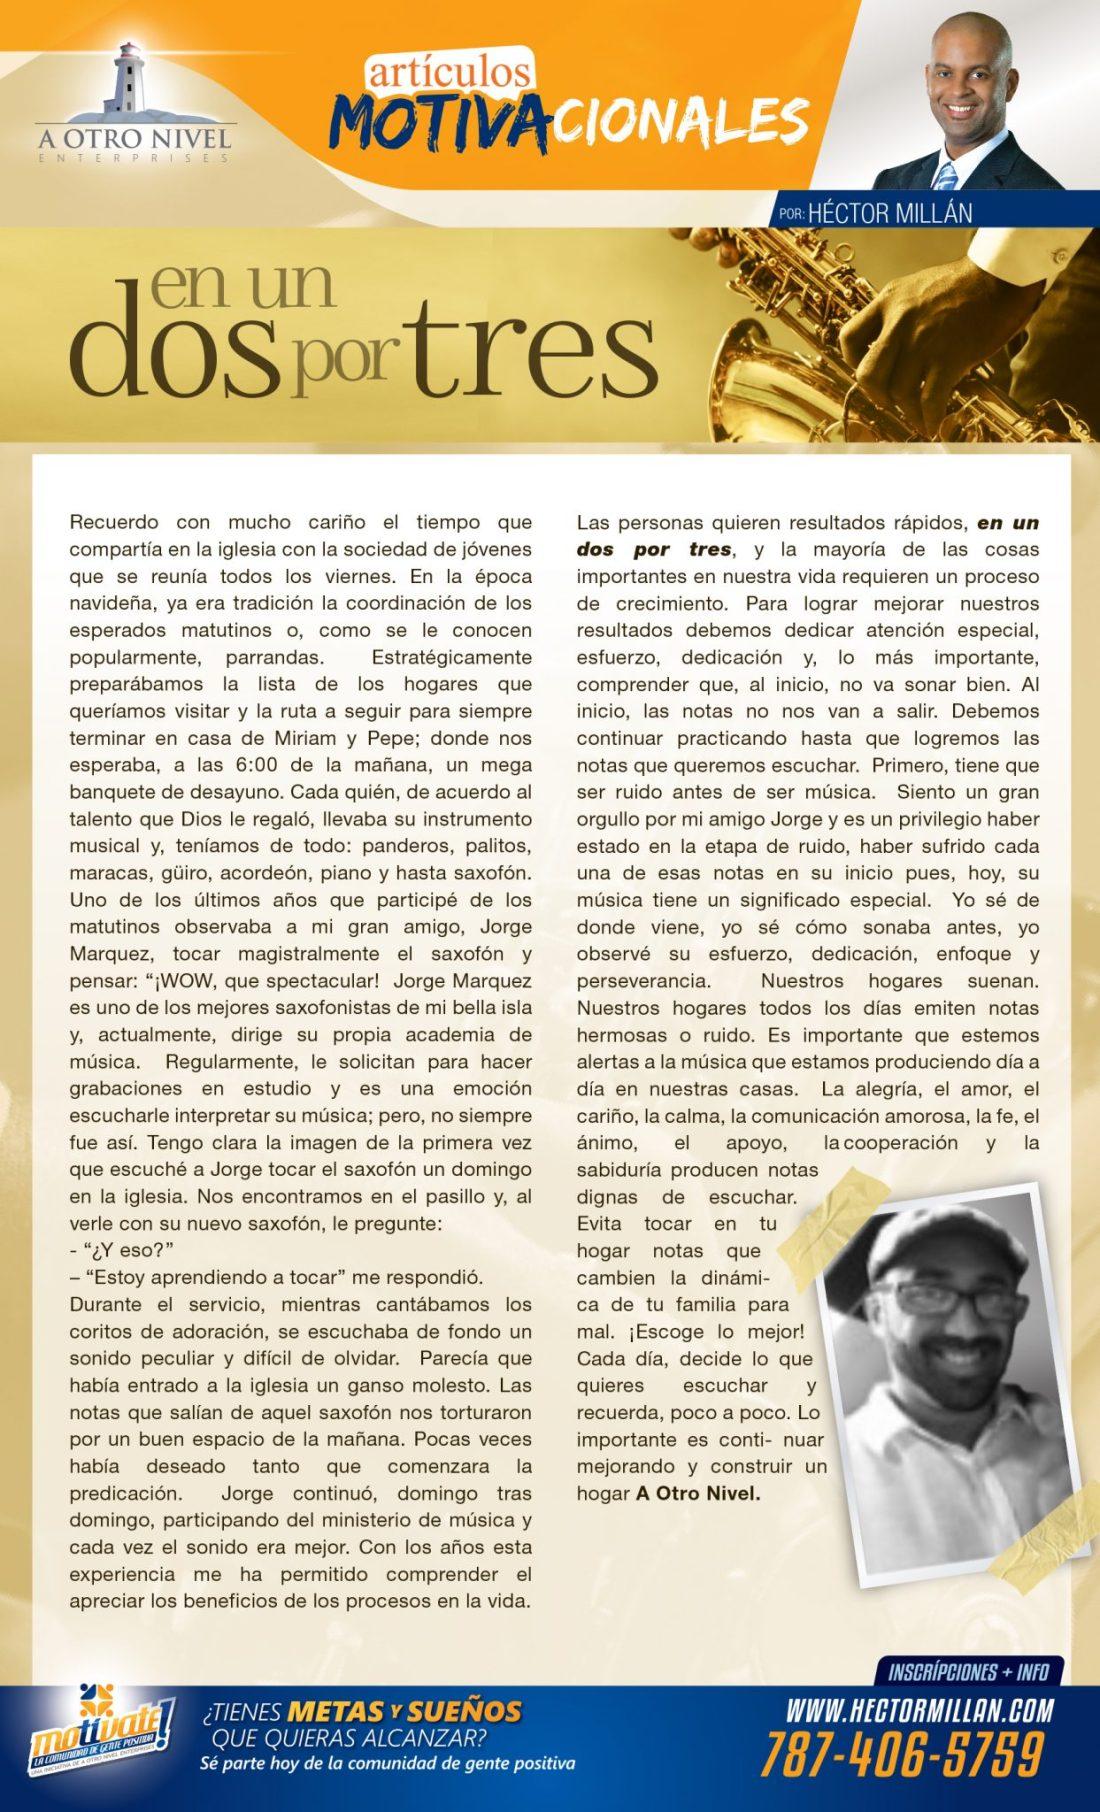 articulo motivacional - Hector  Millan